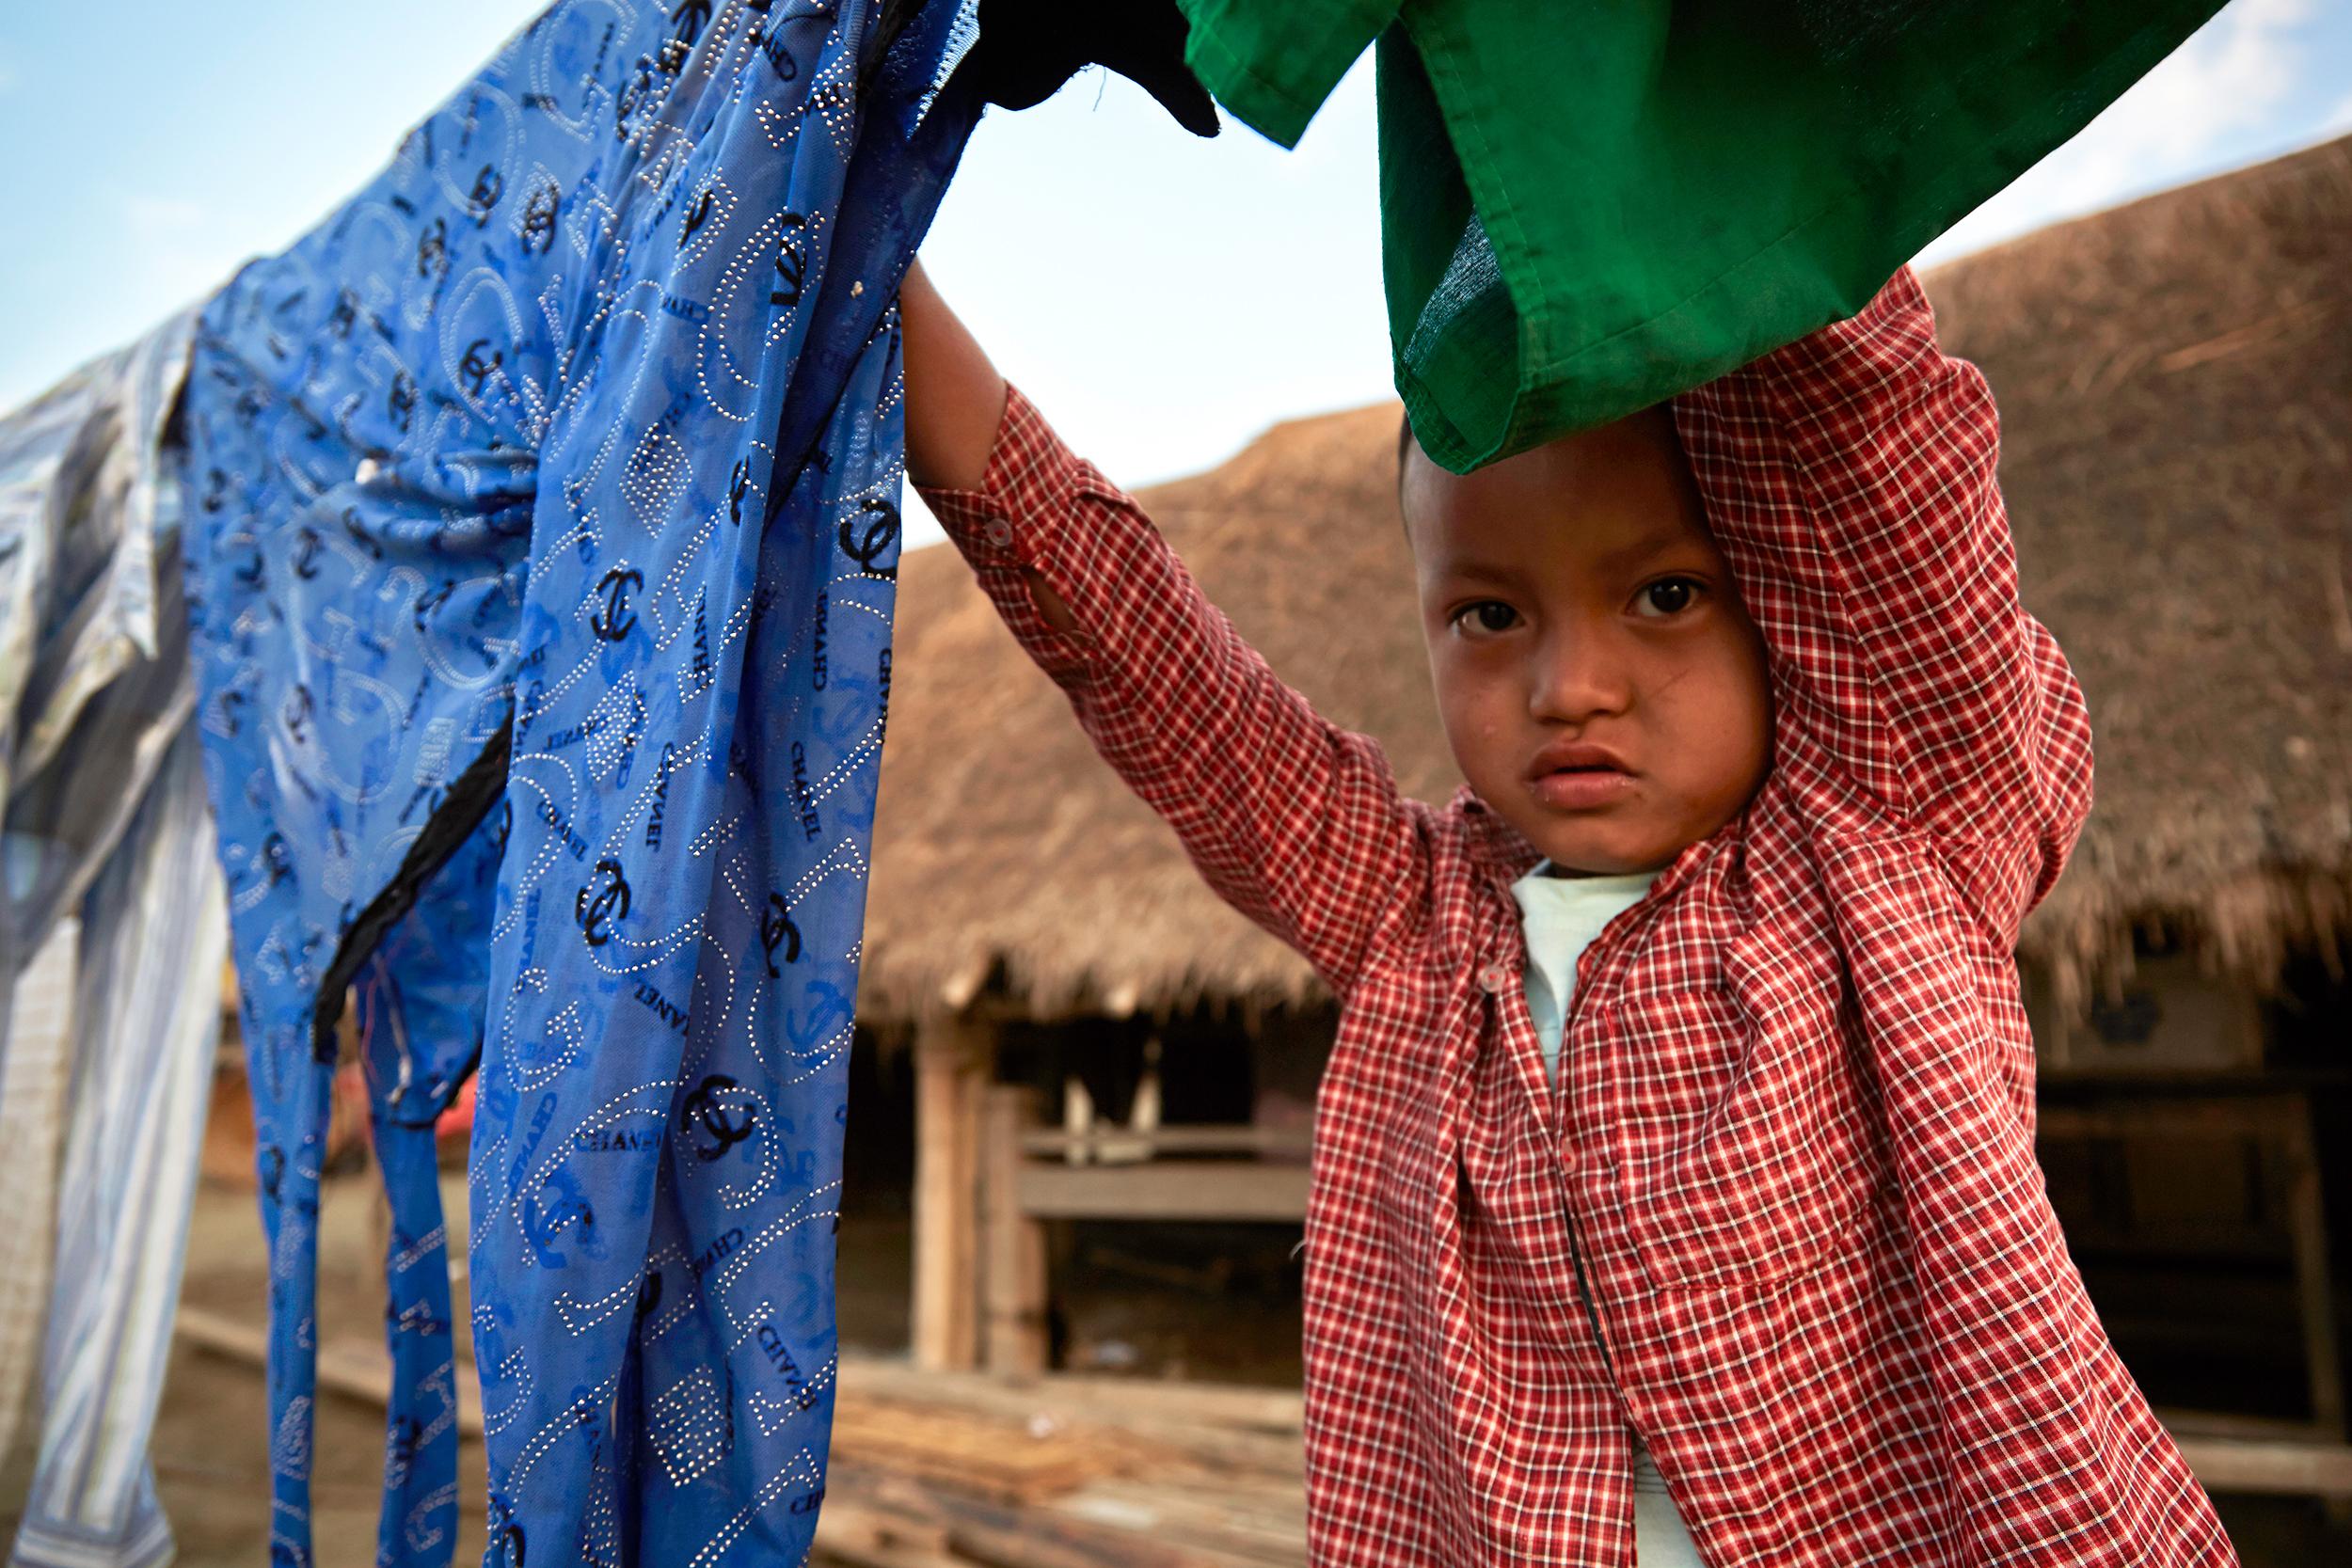 Kanjana-Chaiwatanachai-Image-Works_Mandalay_2014.01.18_0186w.jpg